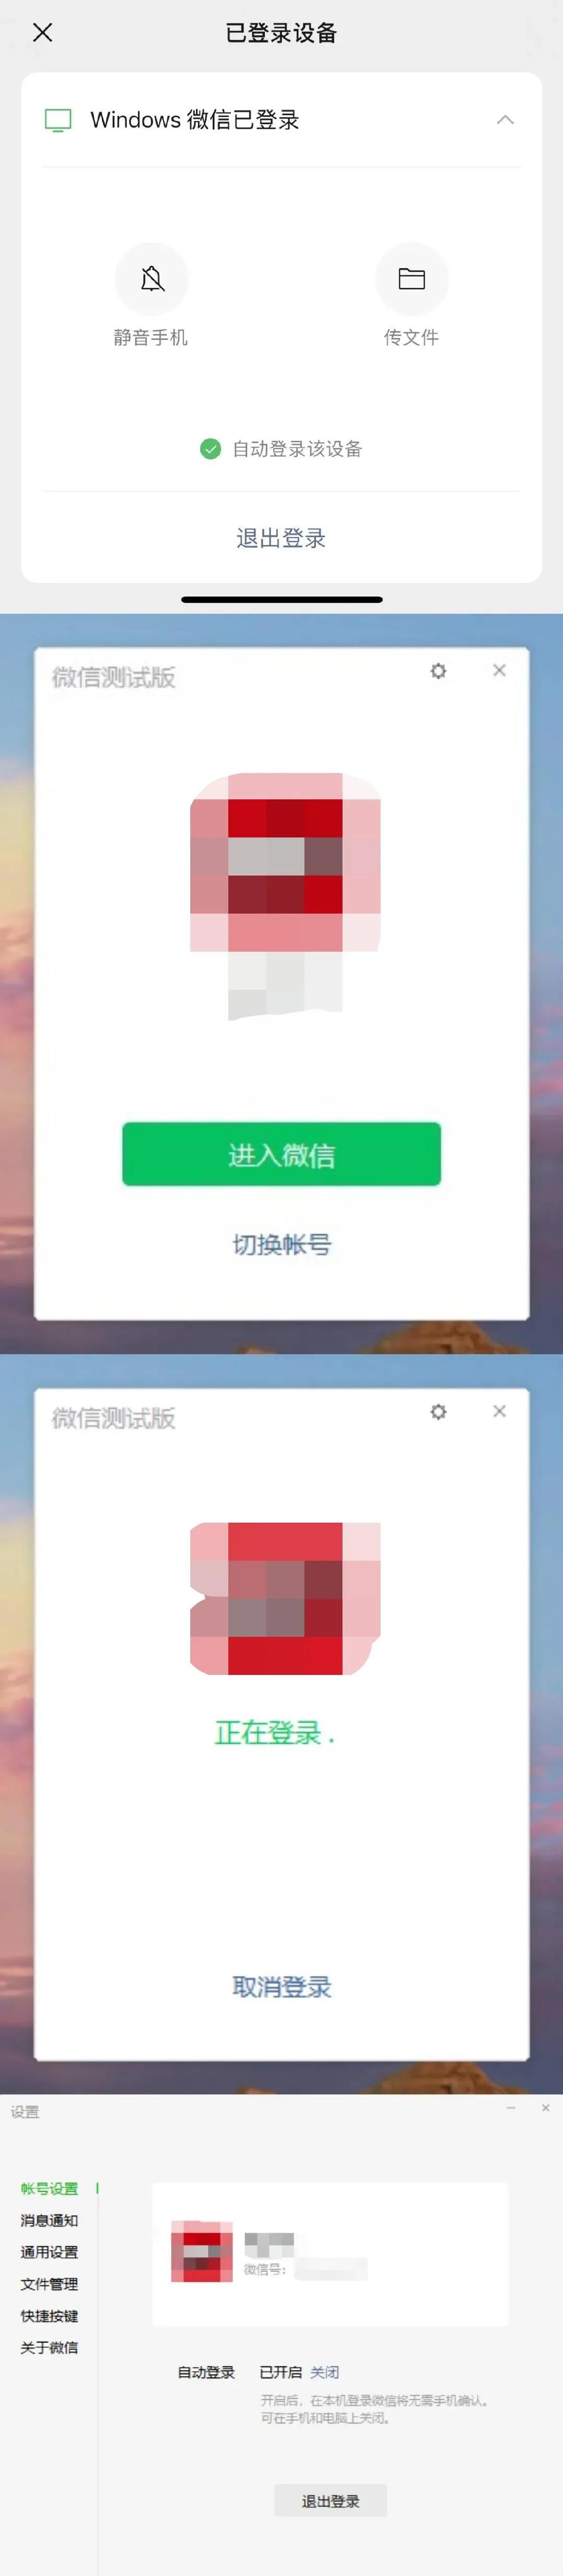 微信1.webp.jpg